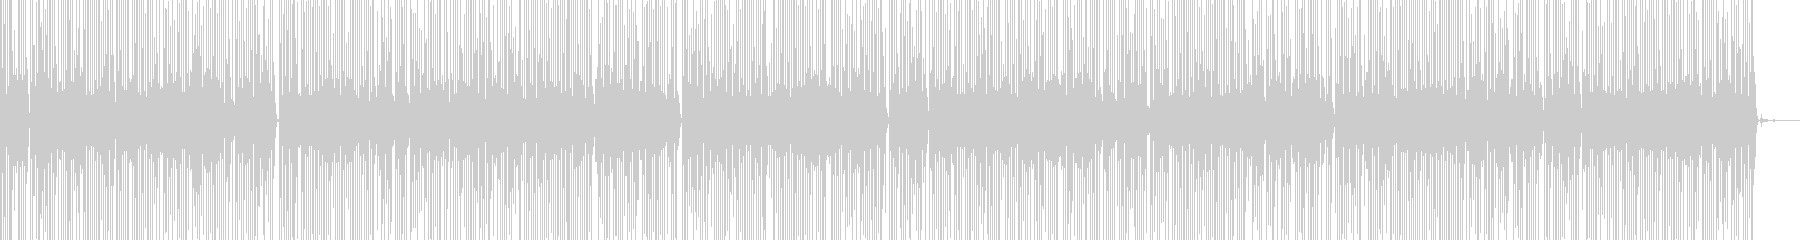 テンションコードのミニマルミュージックの未再生の波形